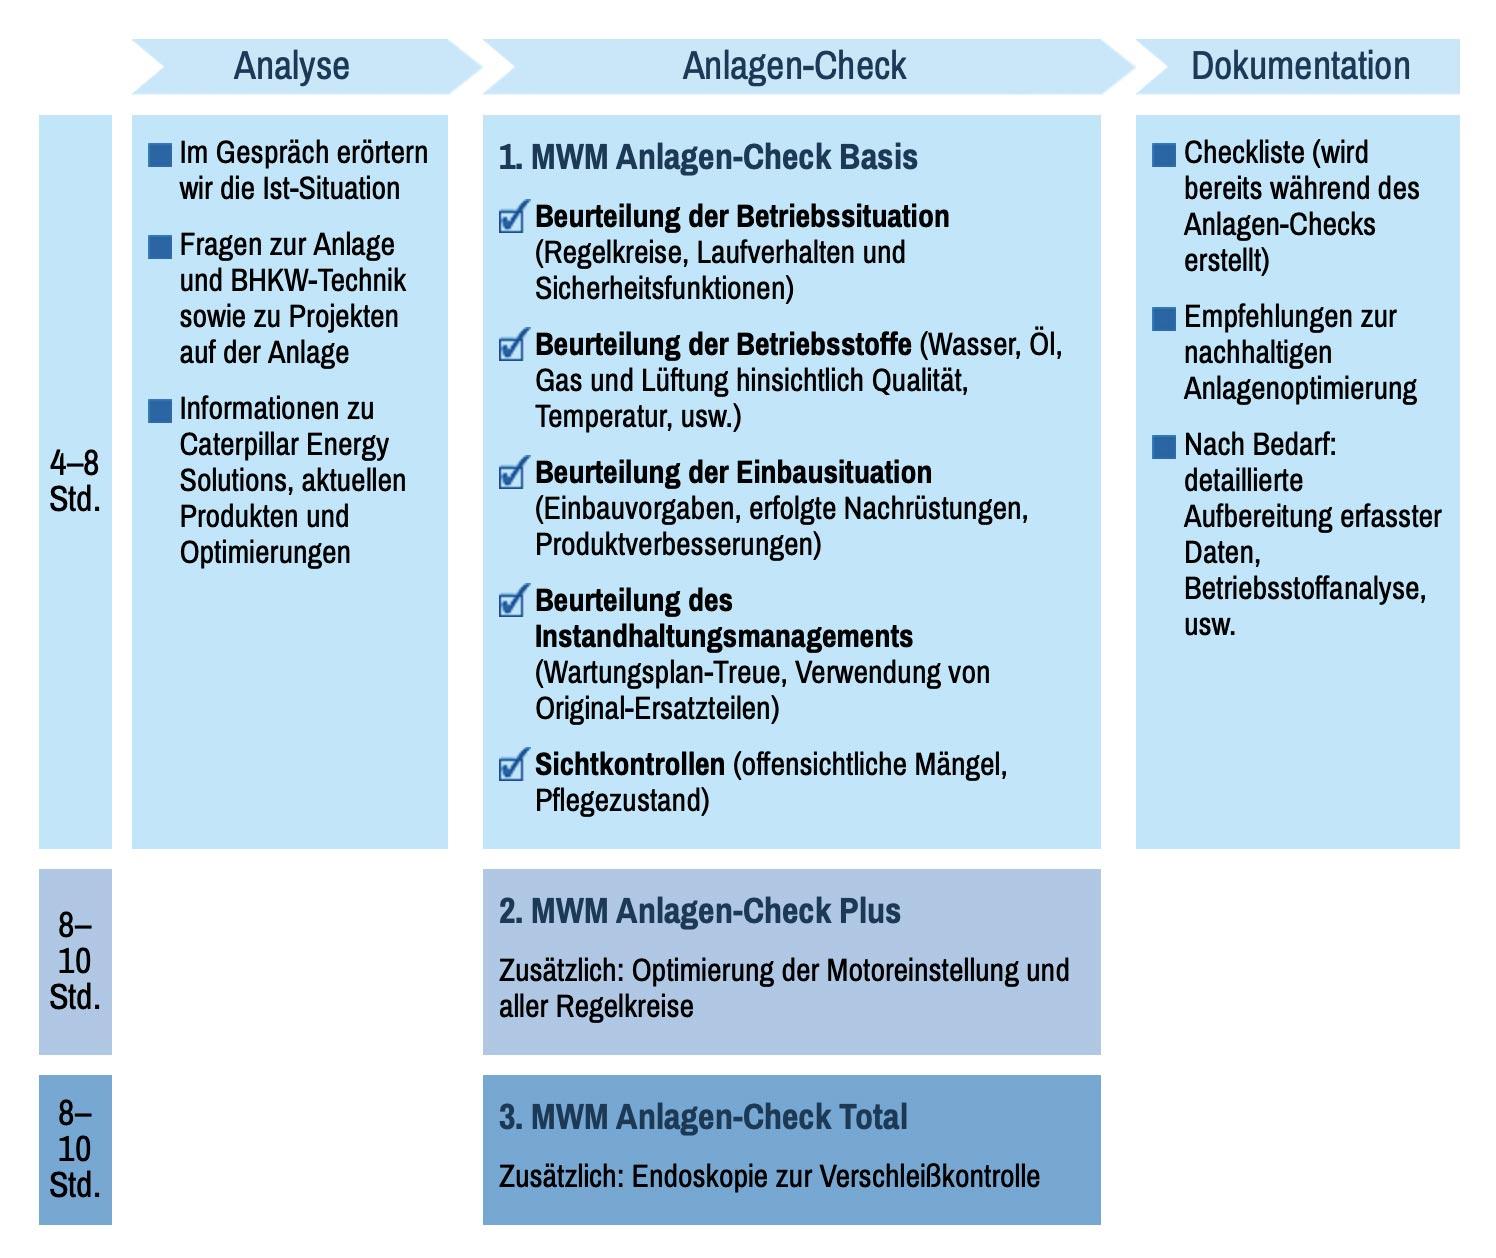 Der MWM Anlagen-Check im Überblick